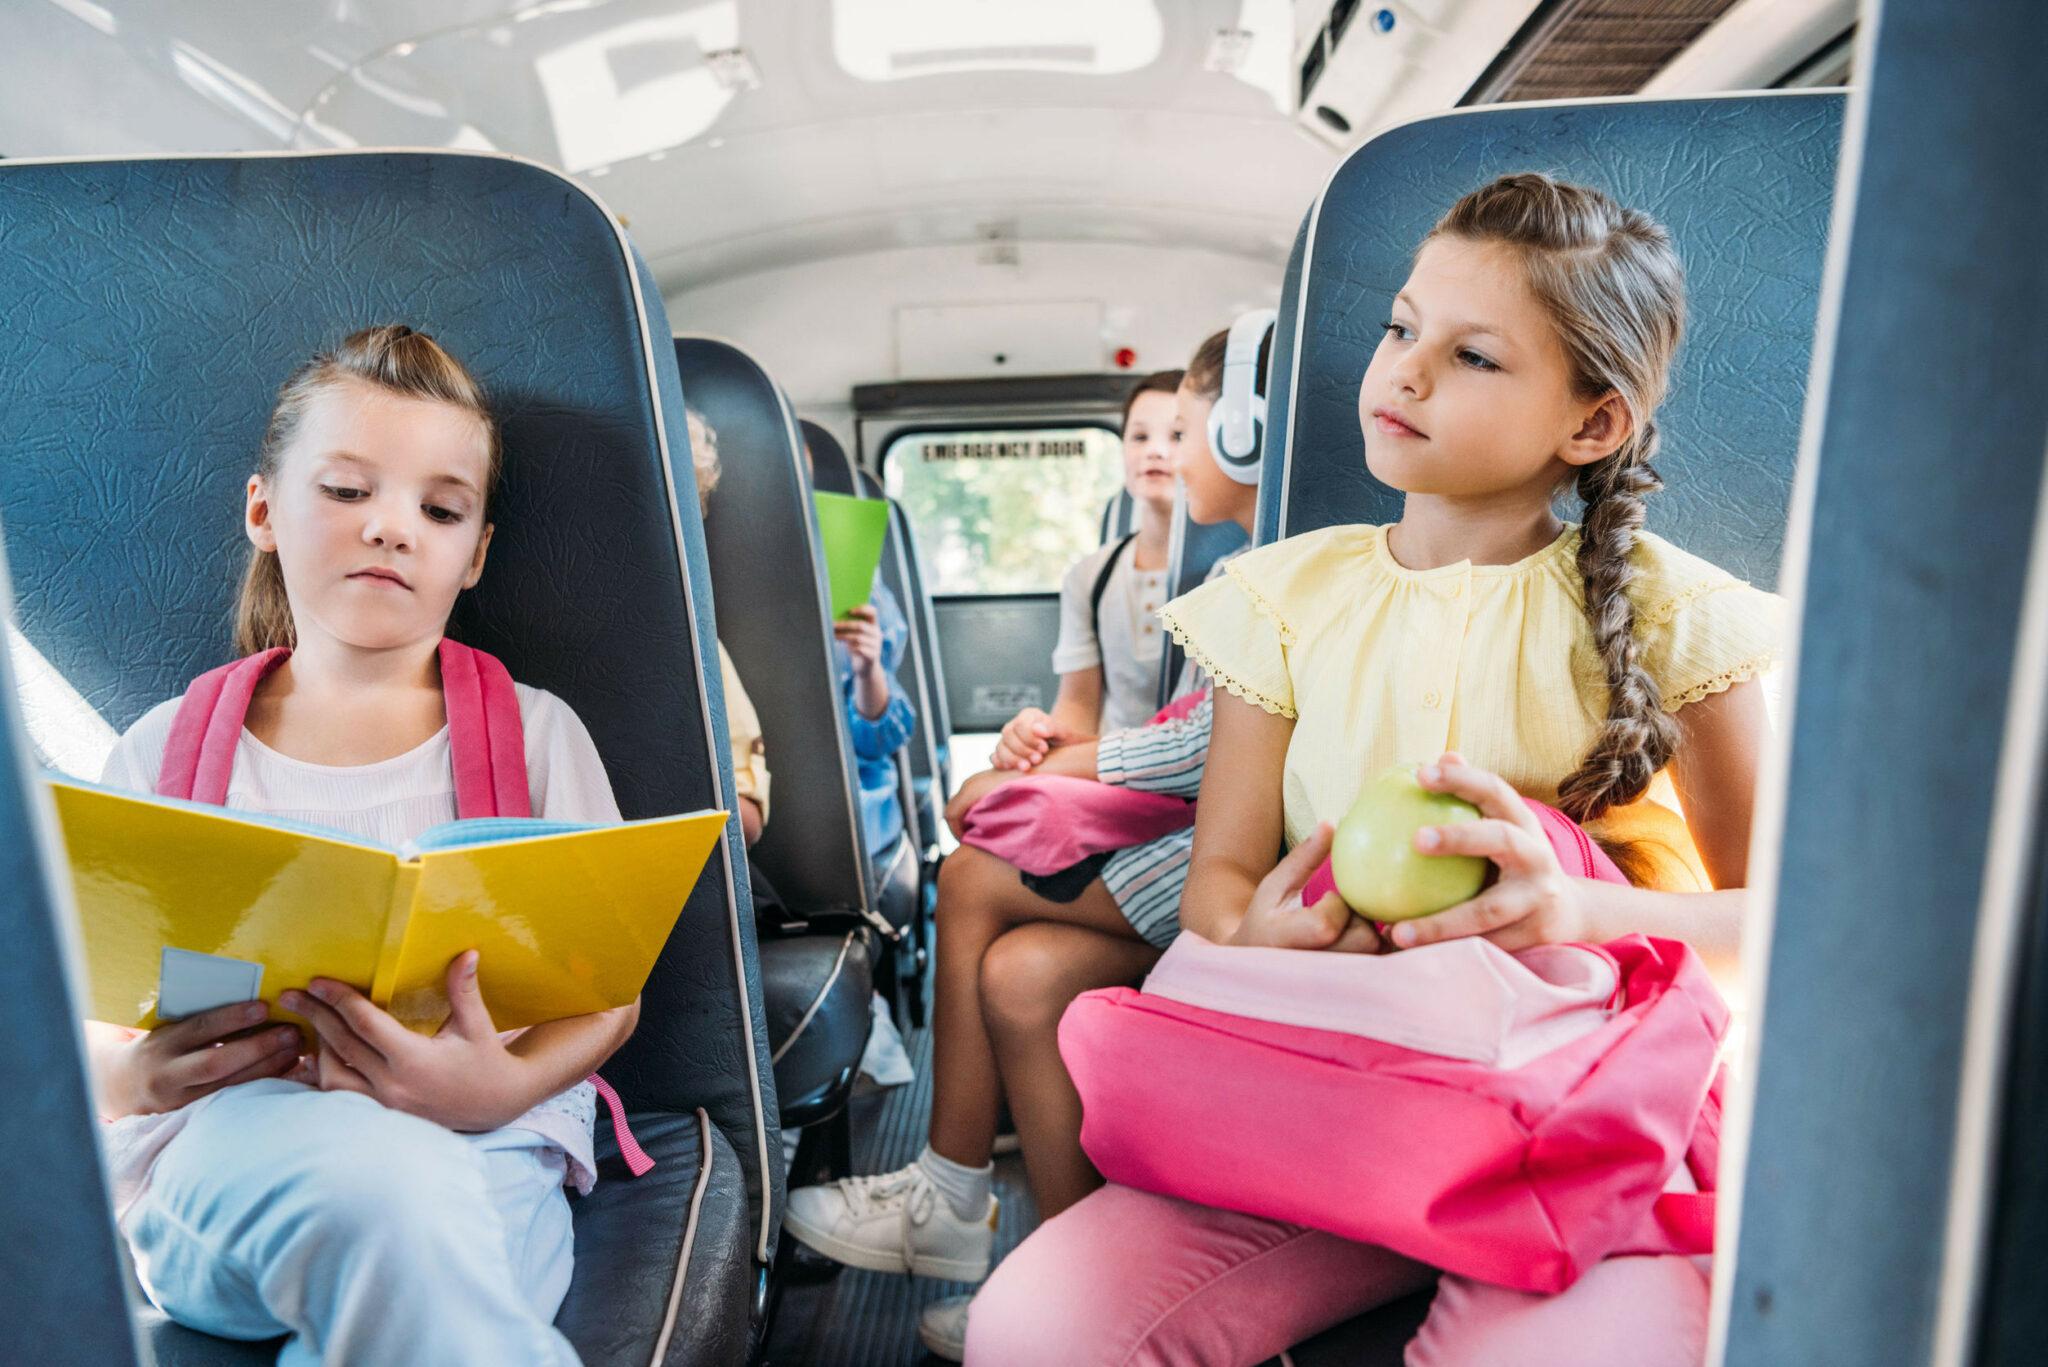 Фрахтователь должен обеспечить детей питанием при перевозке длительностью более 3 часов